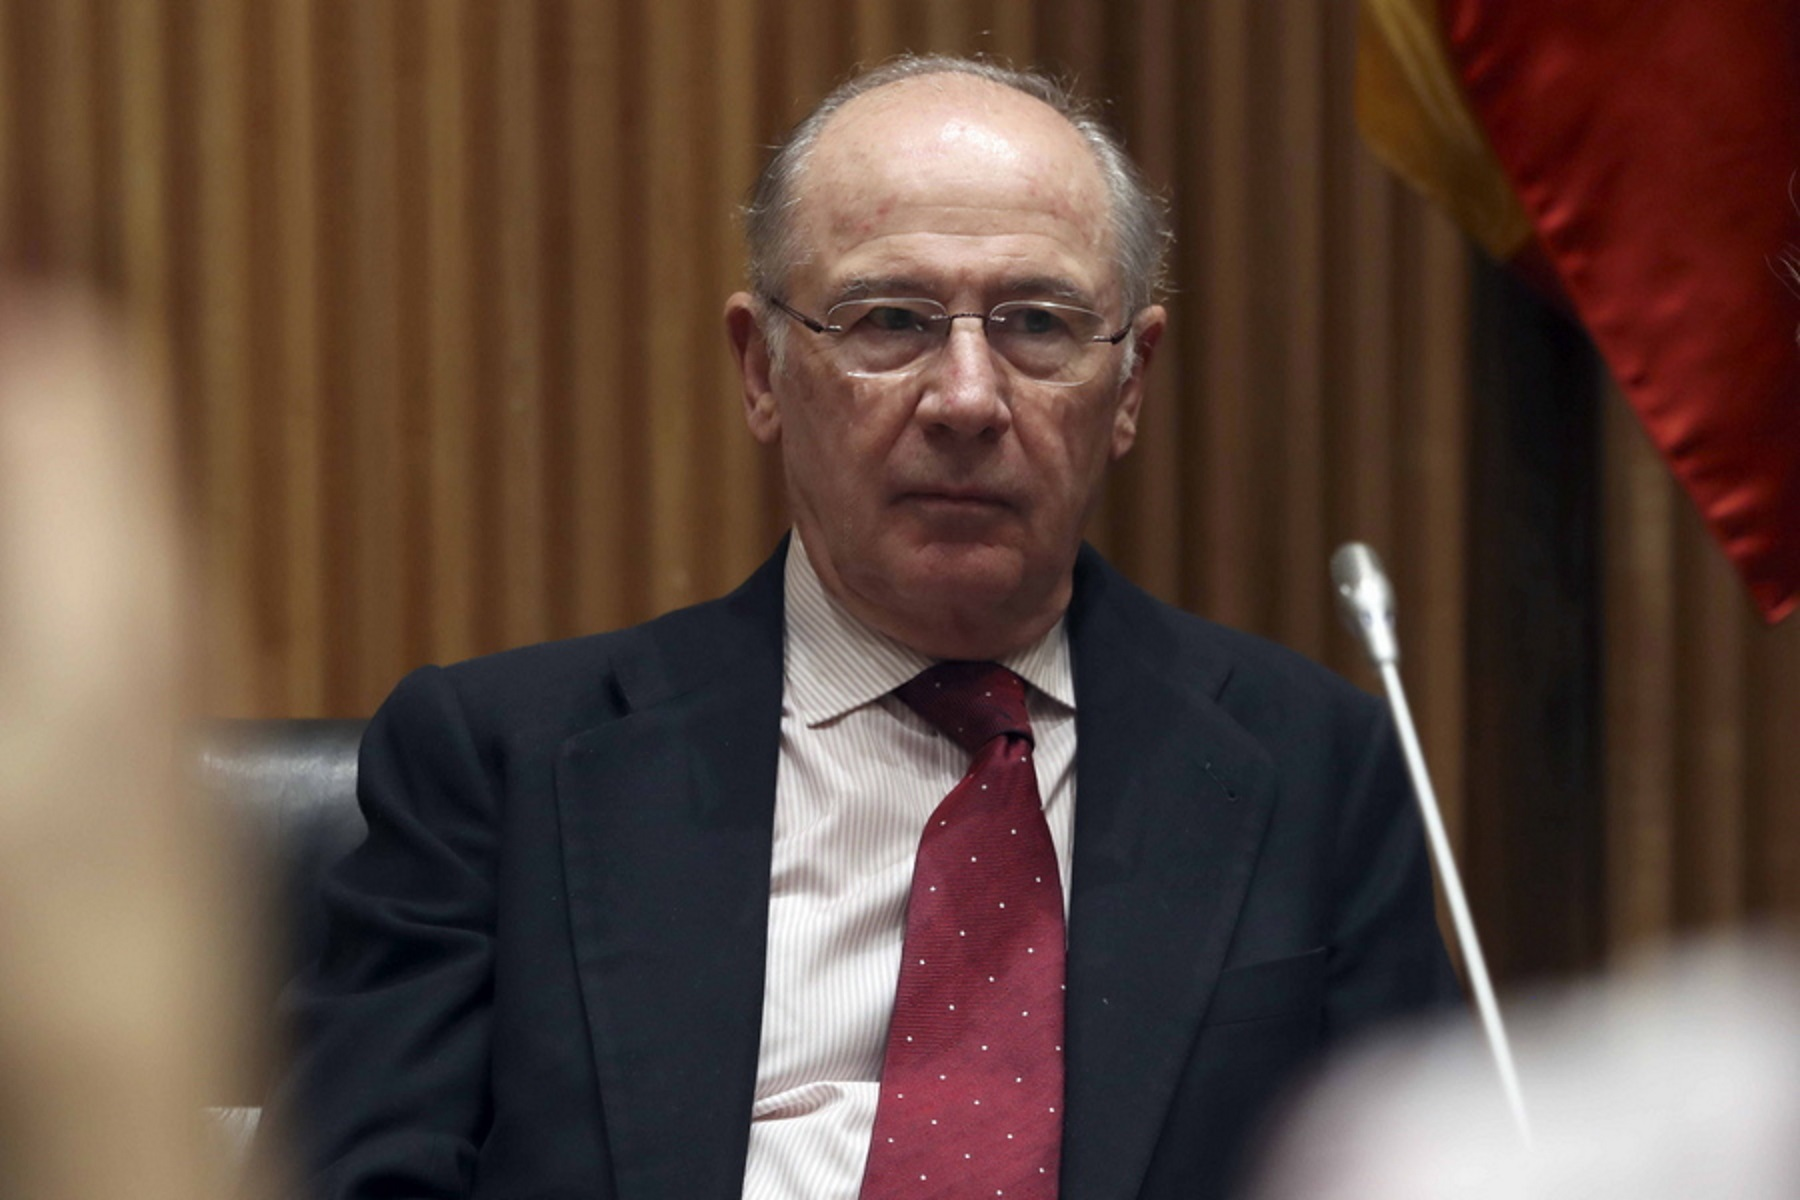 Απαλλάχθηκε από τις κατηγορίες για την Bankia ο πρώην επικεφαλής του ΔΝΤ, Ροδρίγο Ράτο